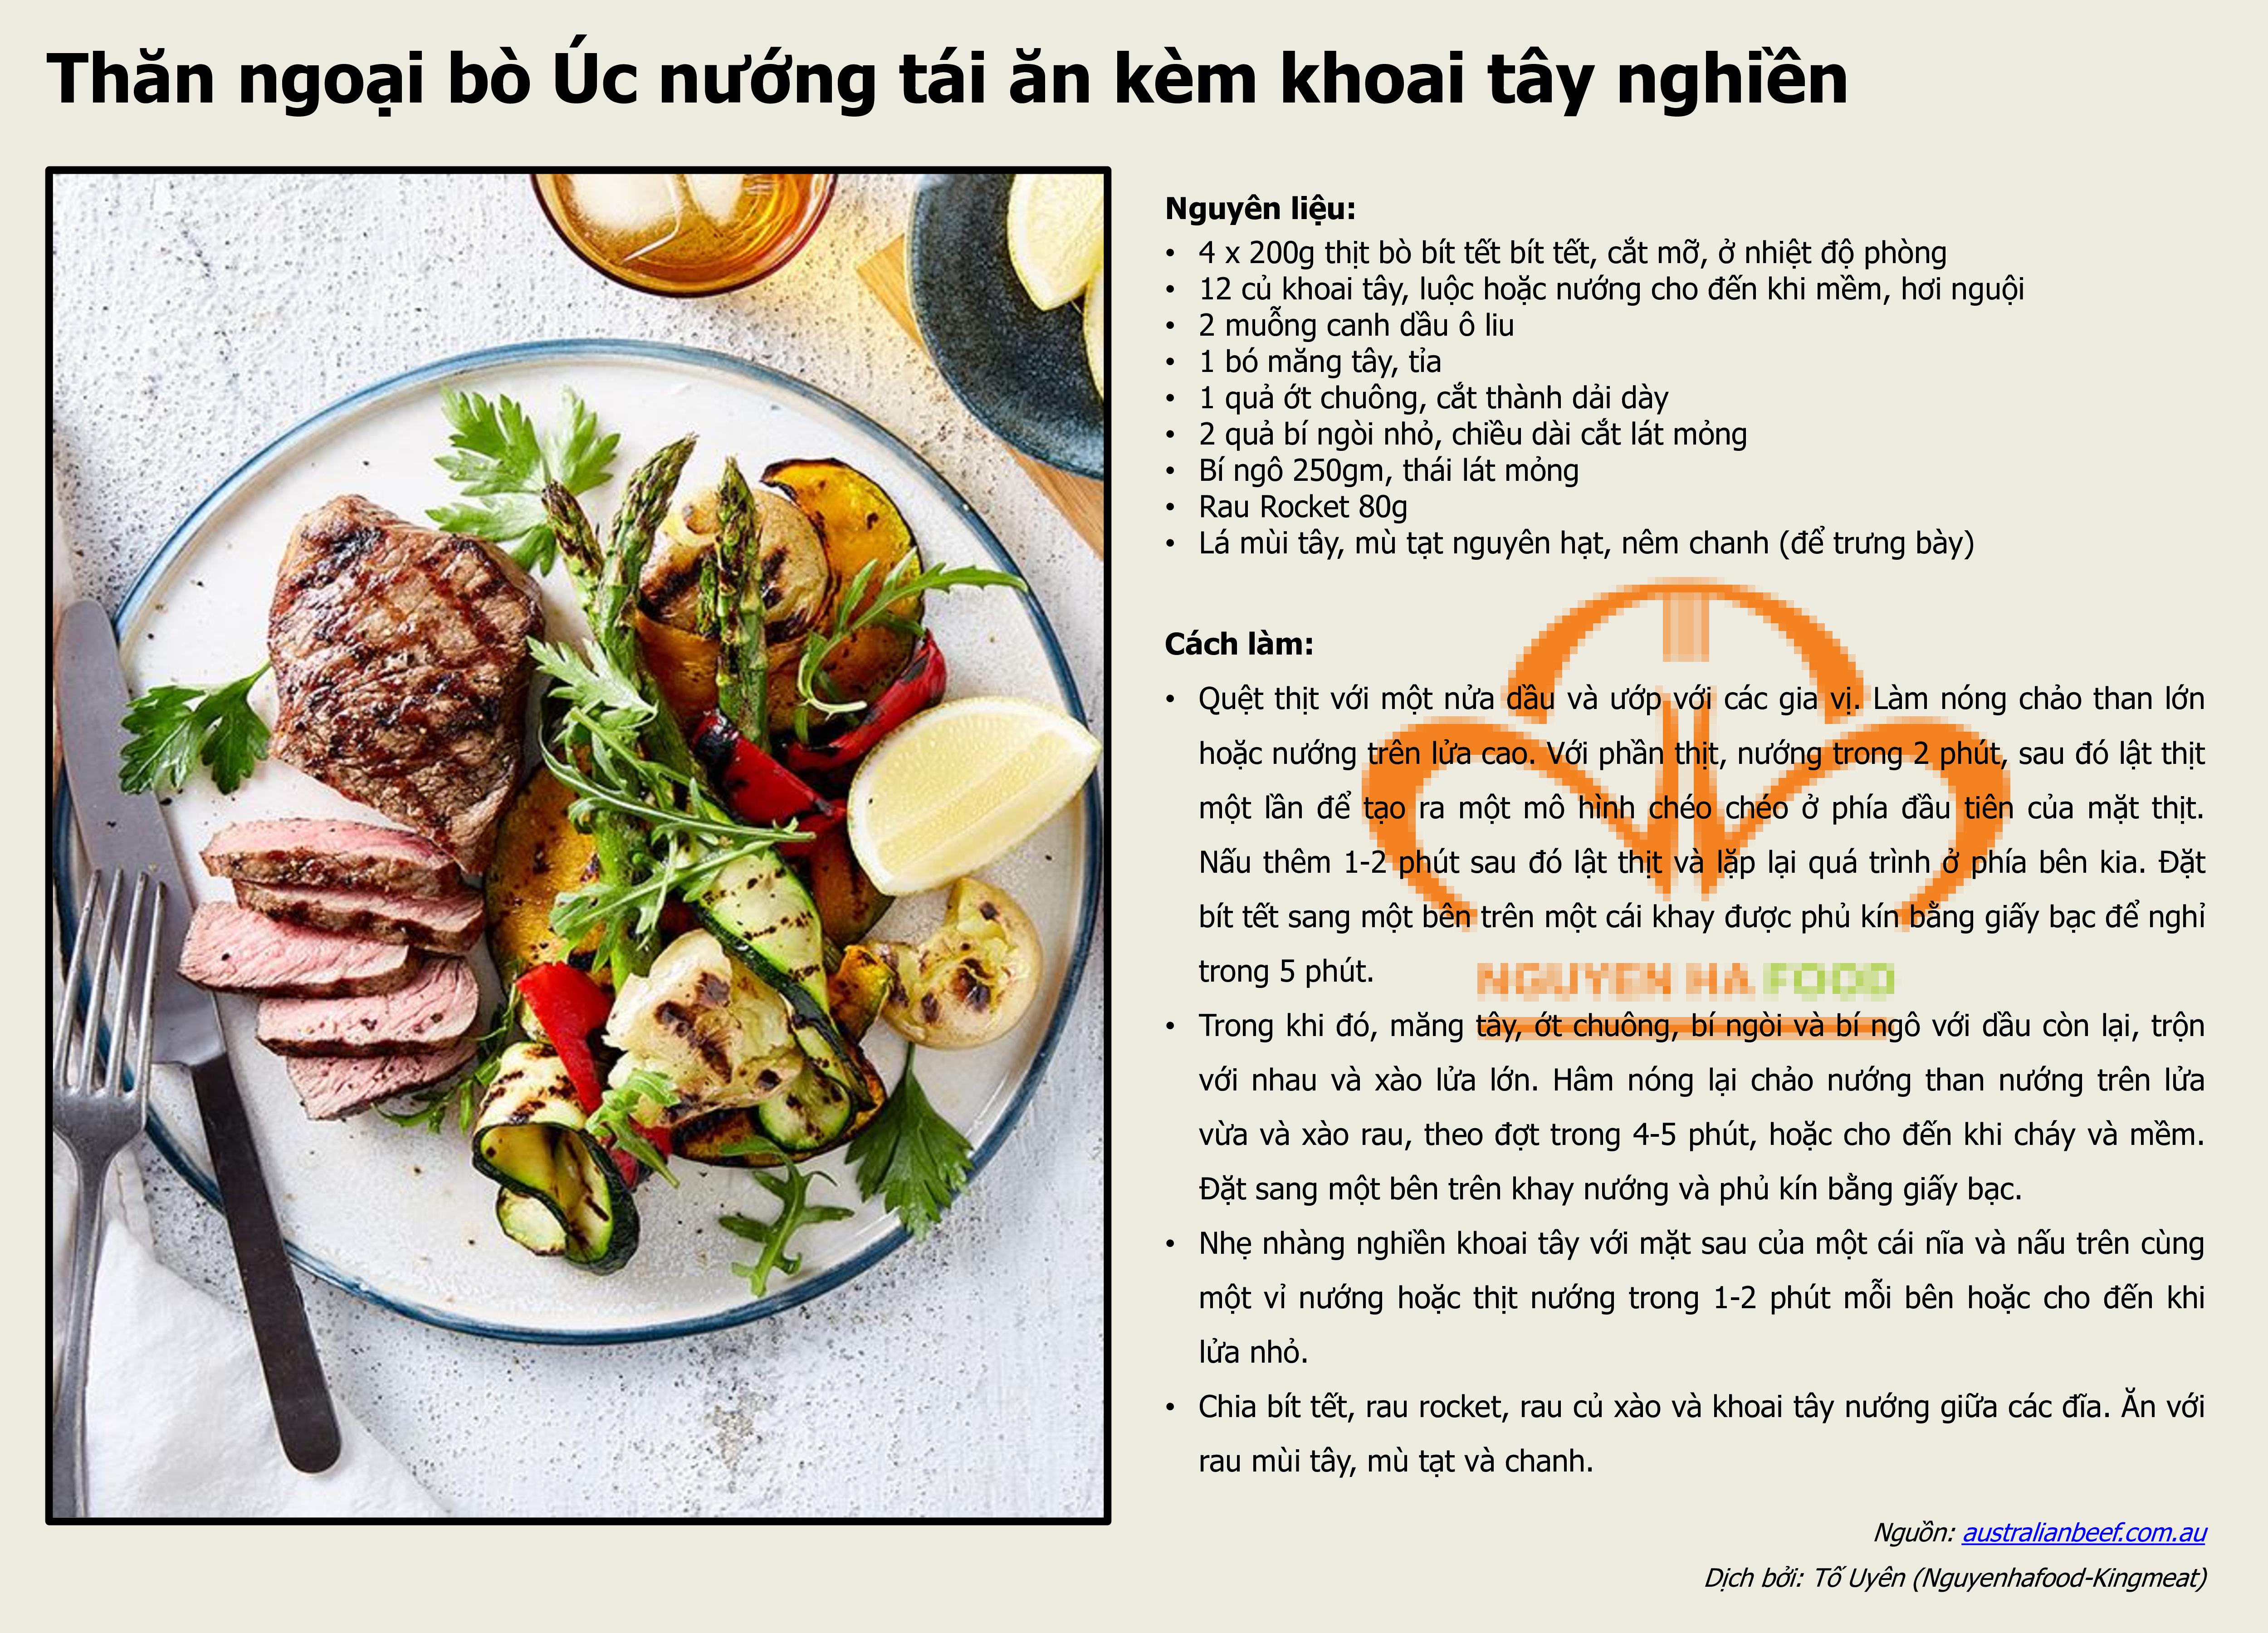 bo-uc-nuong-an-kem-khoai-tay-nghien-nguyenh-ha-food